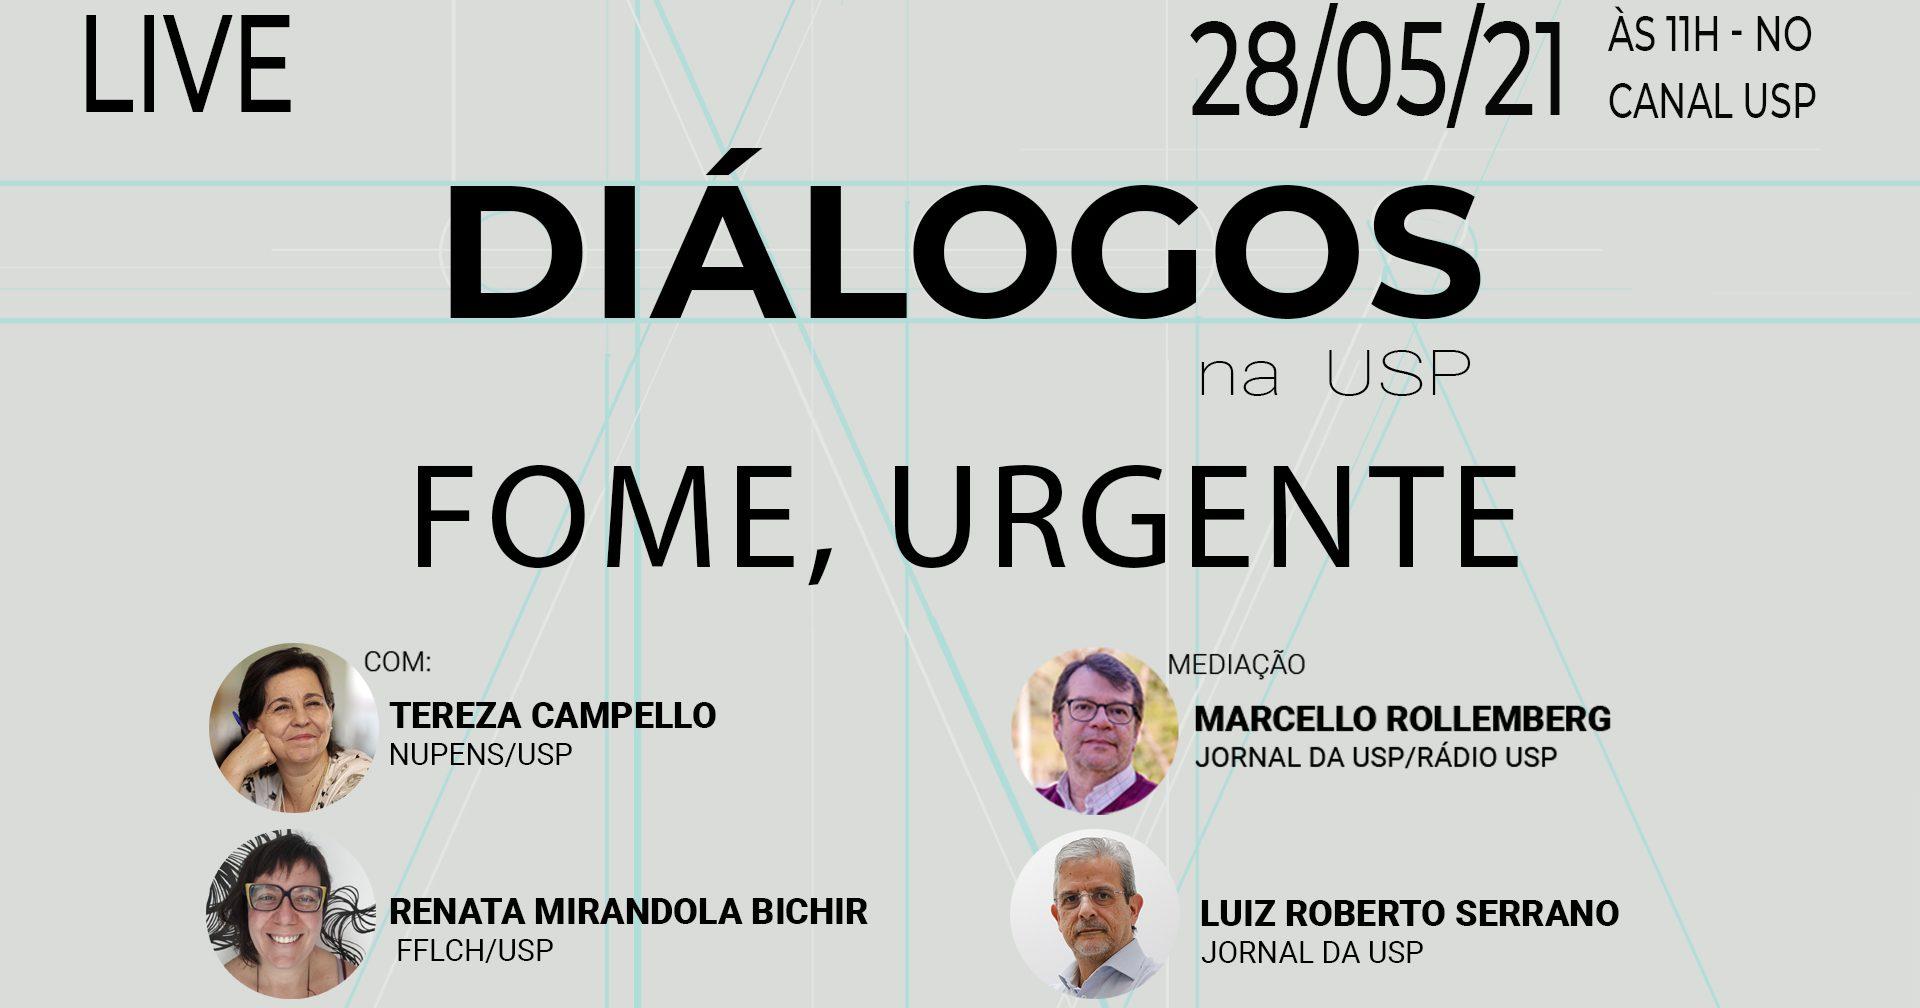 cartaz_Youtube_DIALOGOS_fome (1)